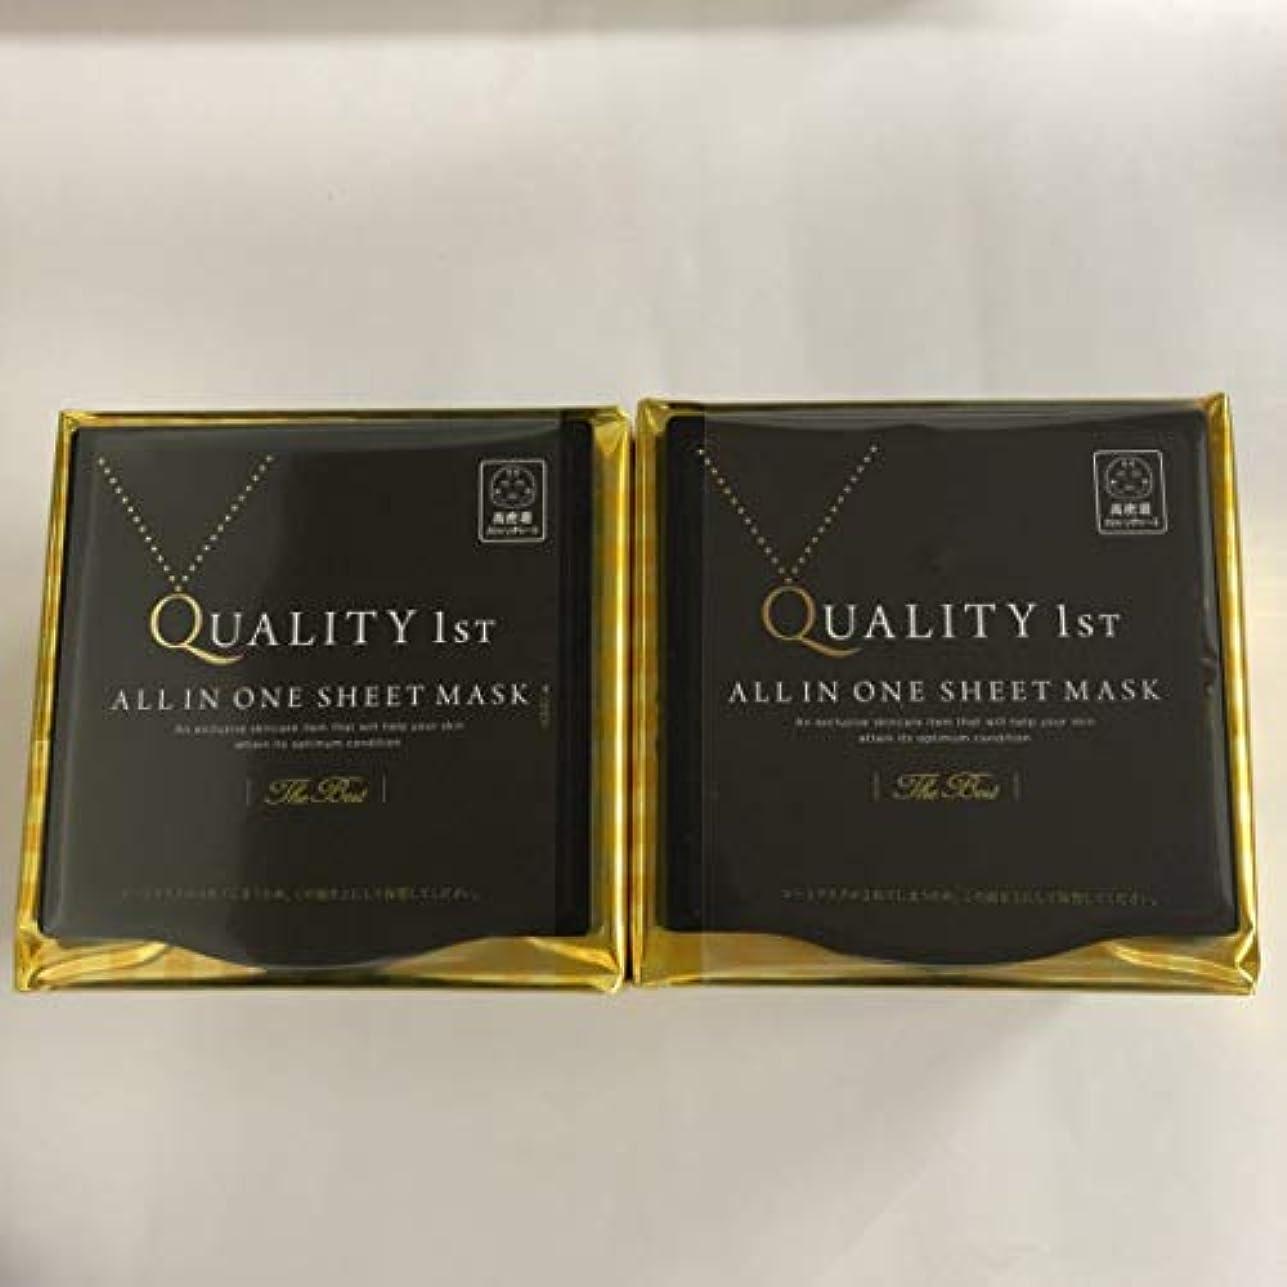 ジョットディボンドンの量調和オールインワンシートマスク ザ?ベストEX (30枚) BOX 2個セット+角質ケアサンプル2PC